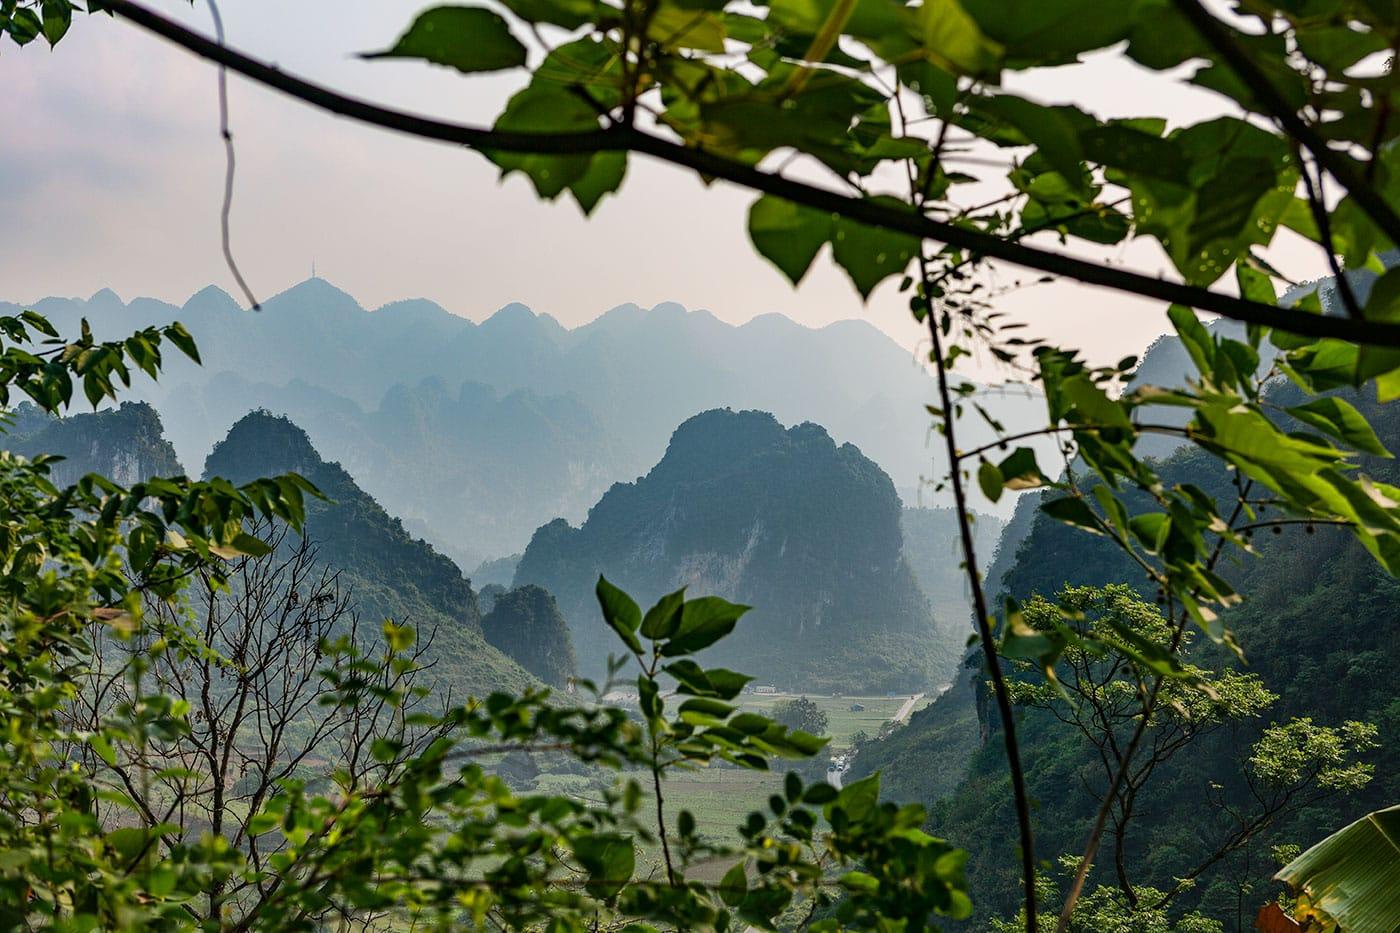 Winter 17/18 From Nà Hang to Phía Tháp